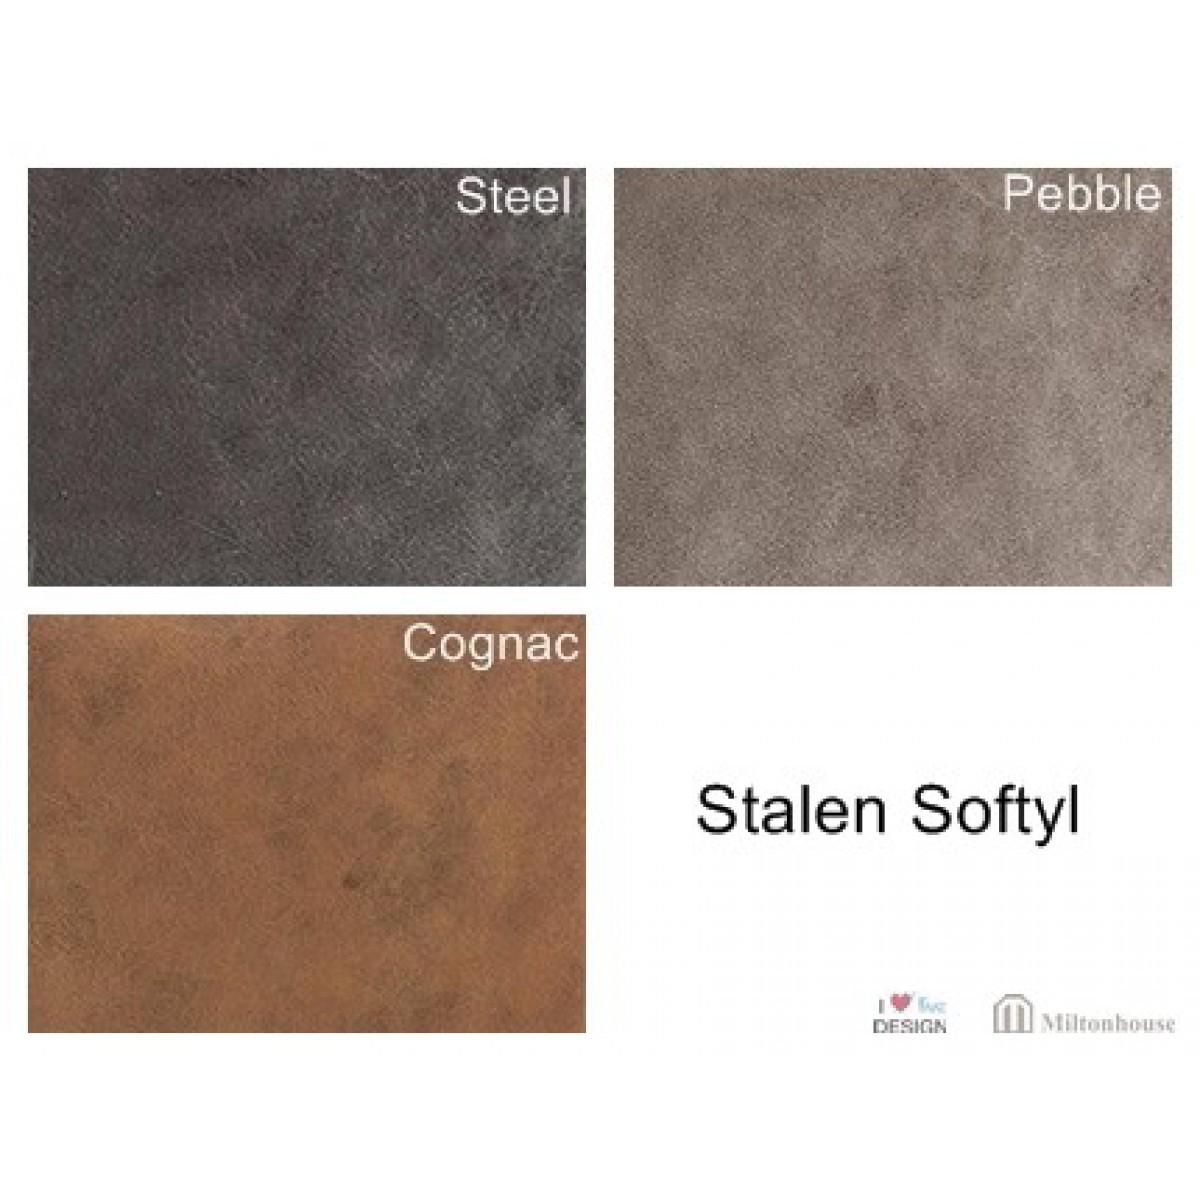 stof-stalen-maxfurn-miltonhouse-softyl-cognac-steel-pebble